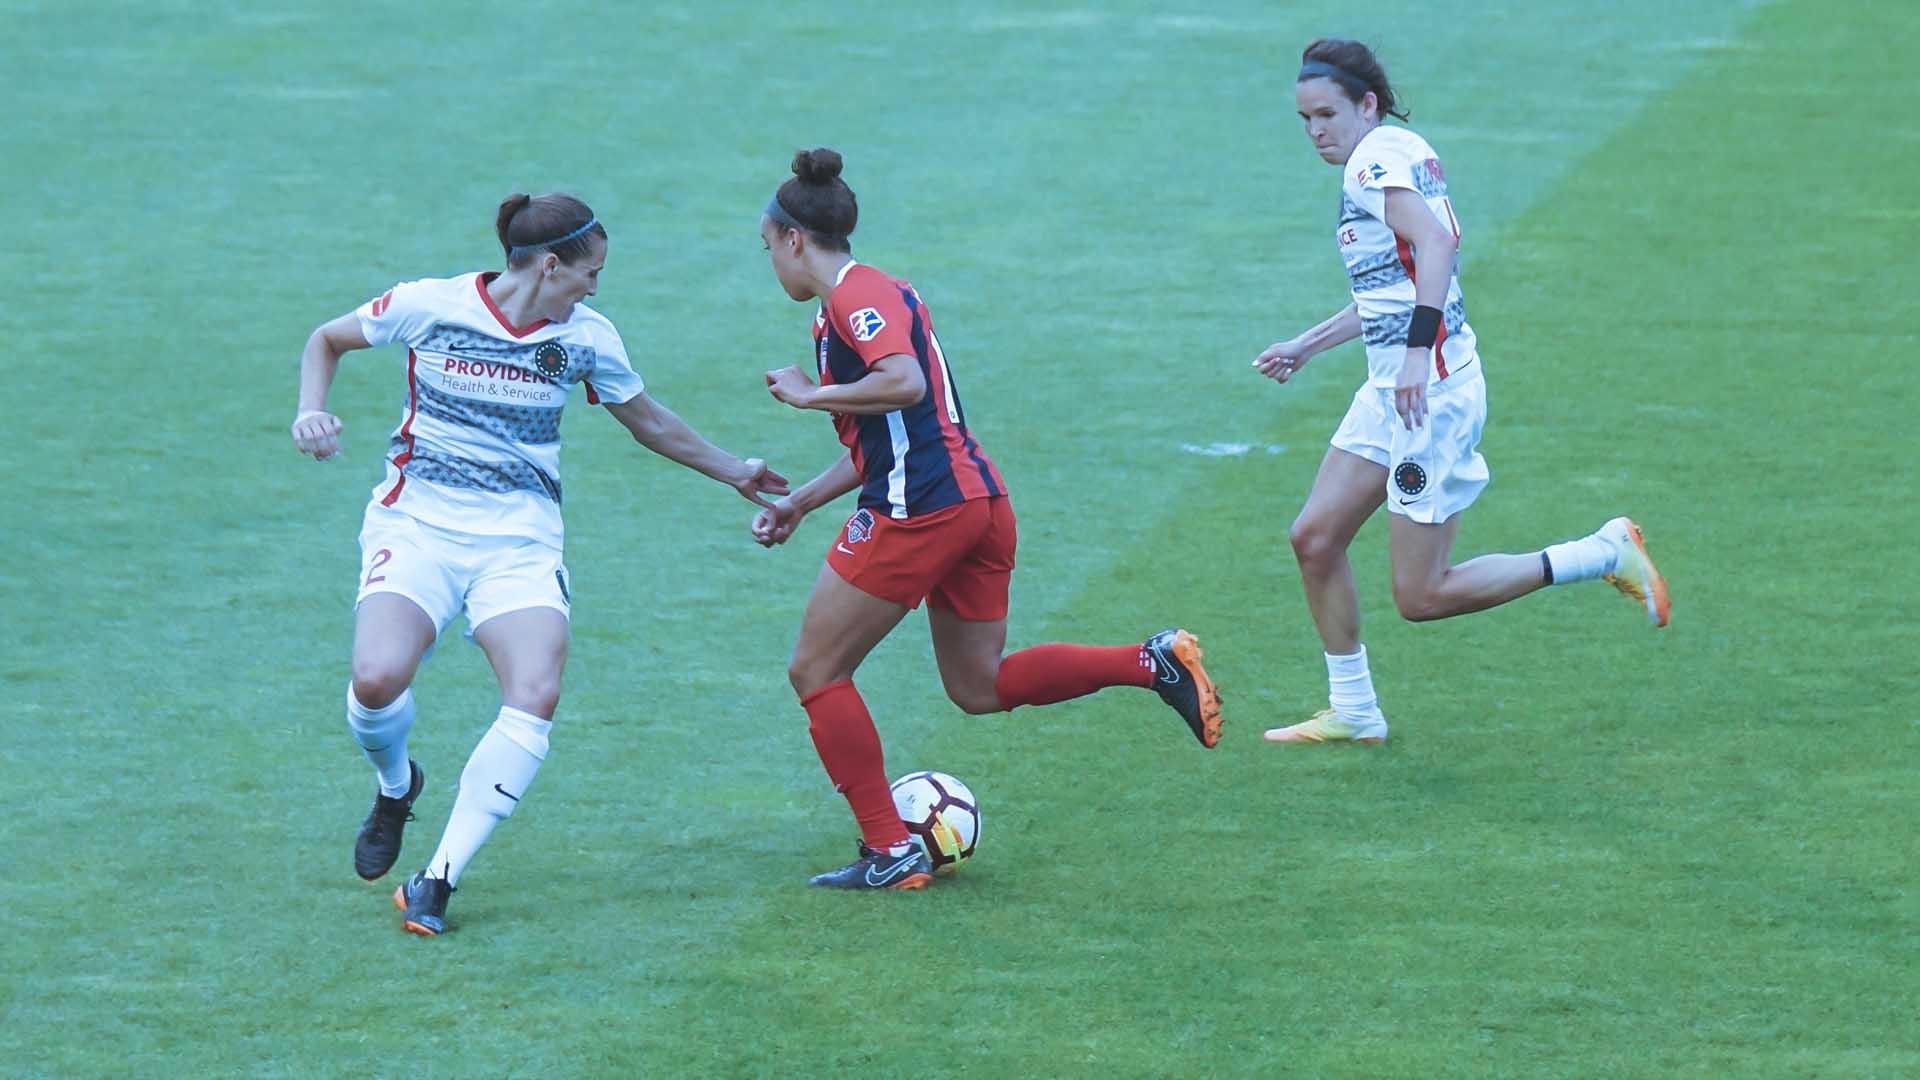 Il calcio femminile si scontra con i pregiudizi tipici della mascolinità tossica